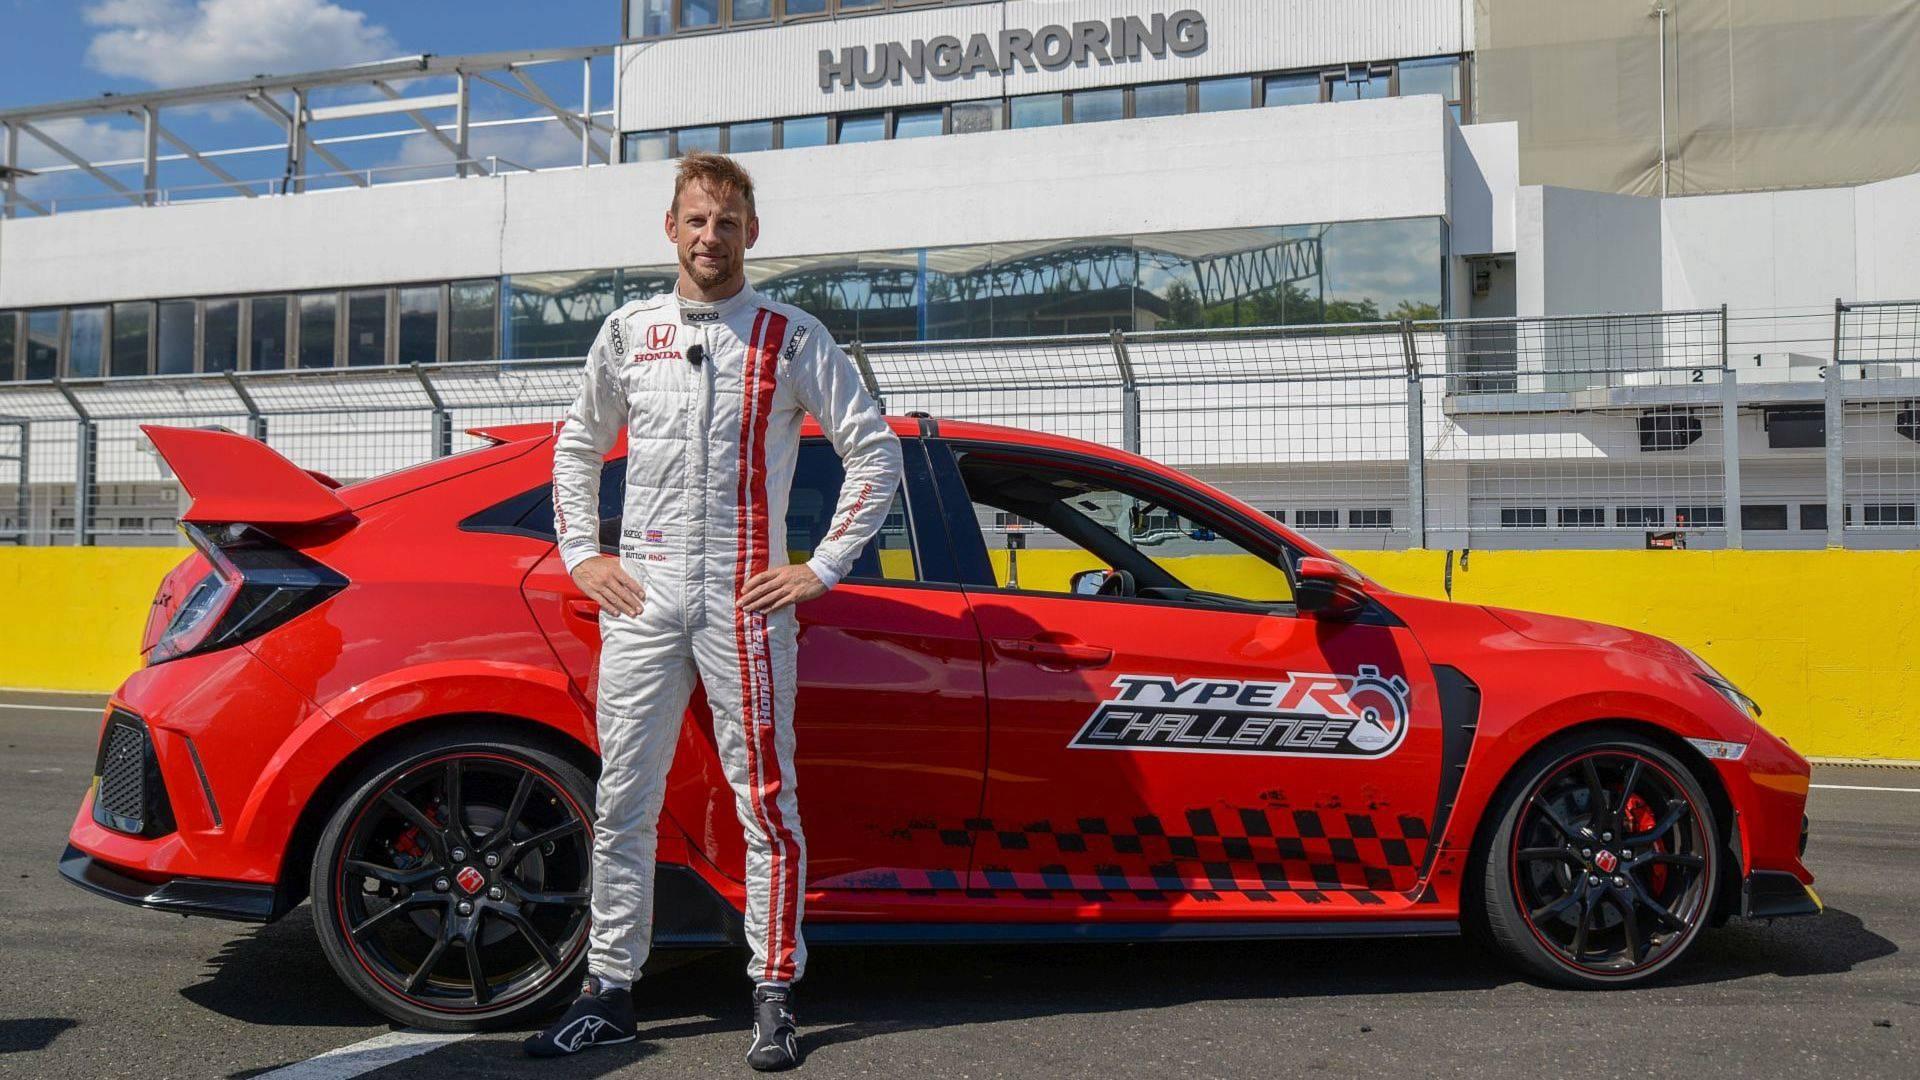 Honda Type R Challenge 2018 Hungaroring (4)